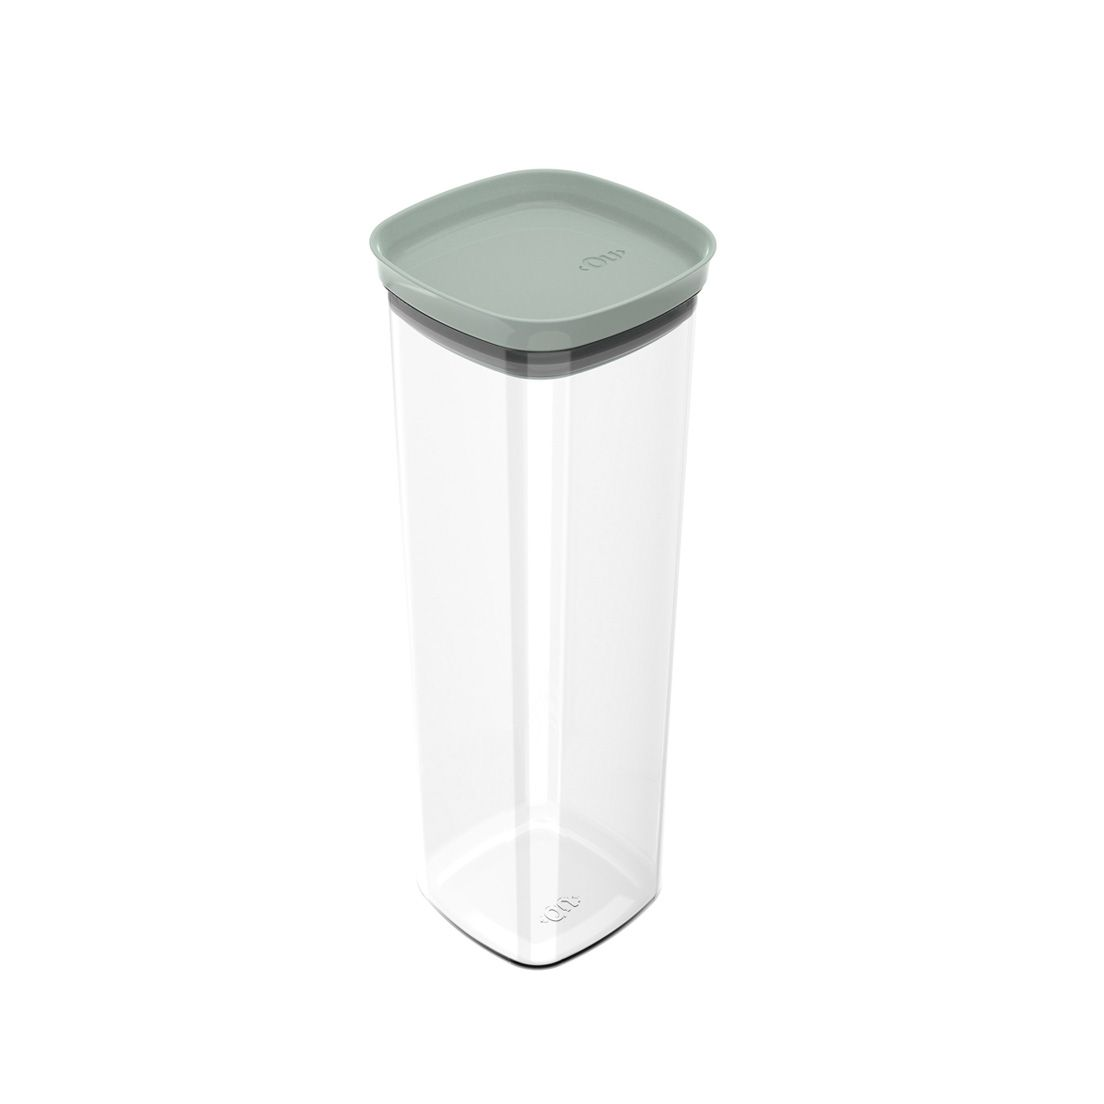 Pote 2L de Plástico com Tampa Hermética Block Verde Menta